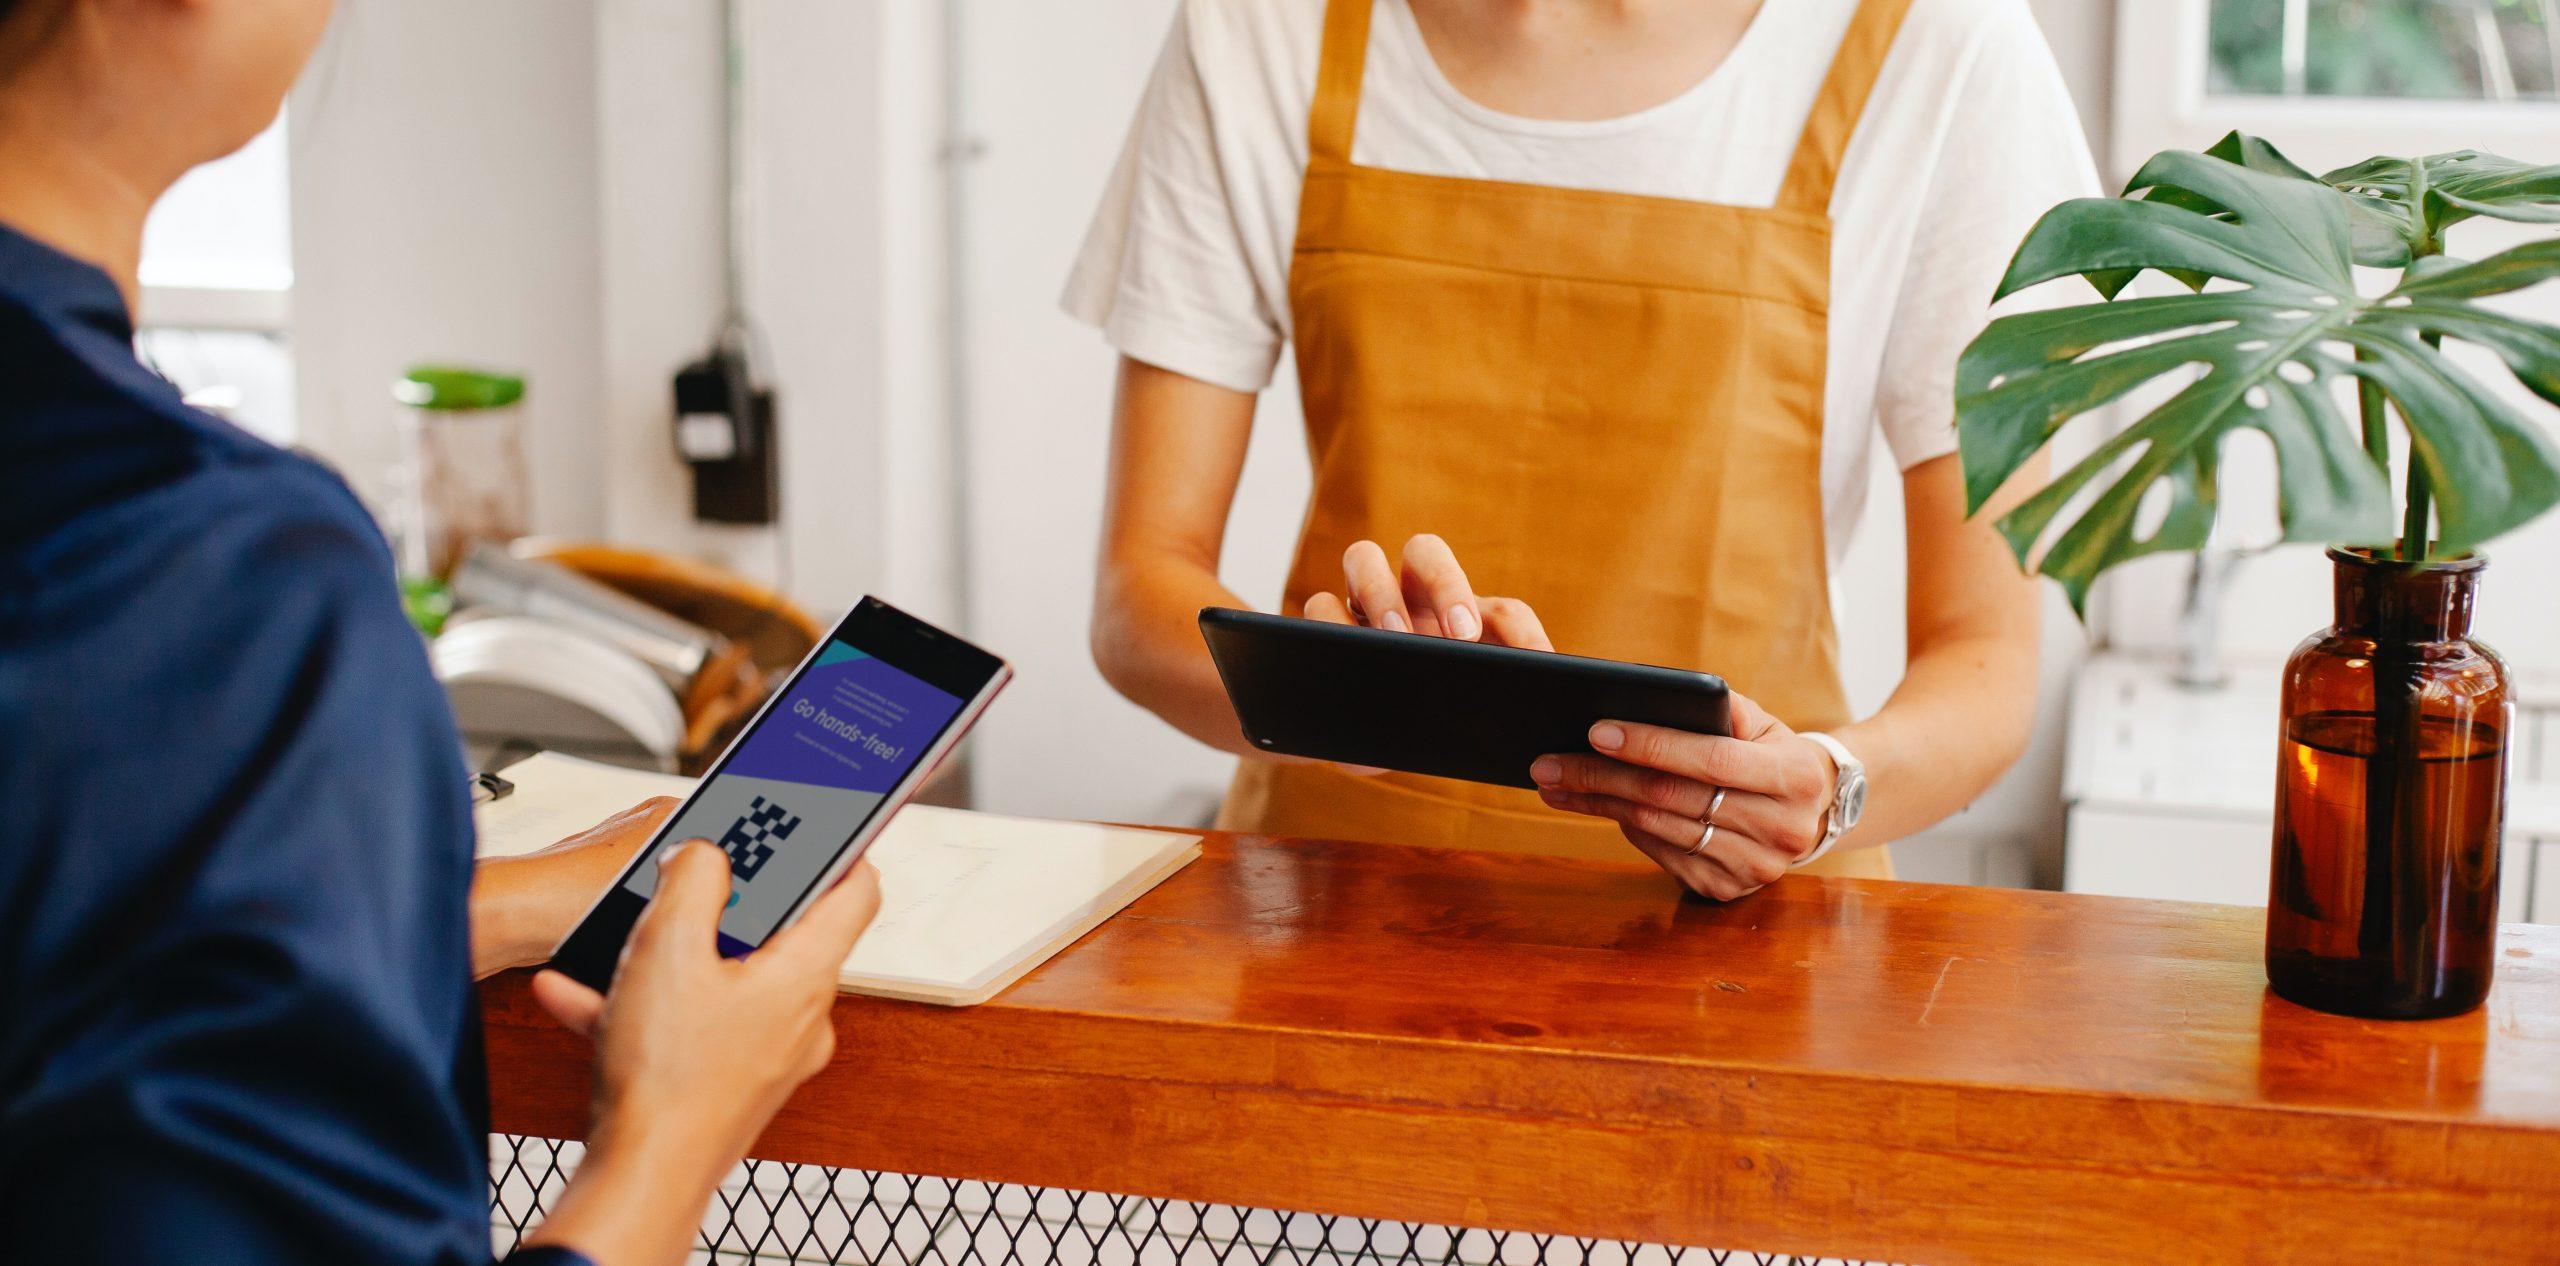 5 claves que evidencian el crecimiento de los pagos con códigos QR